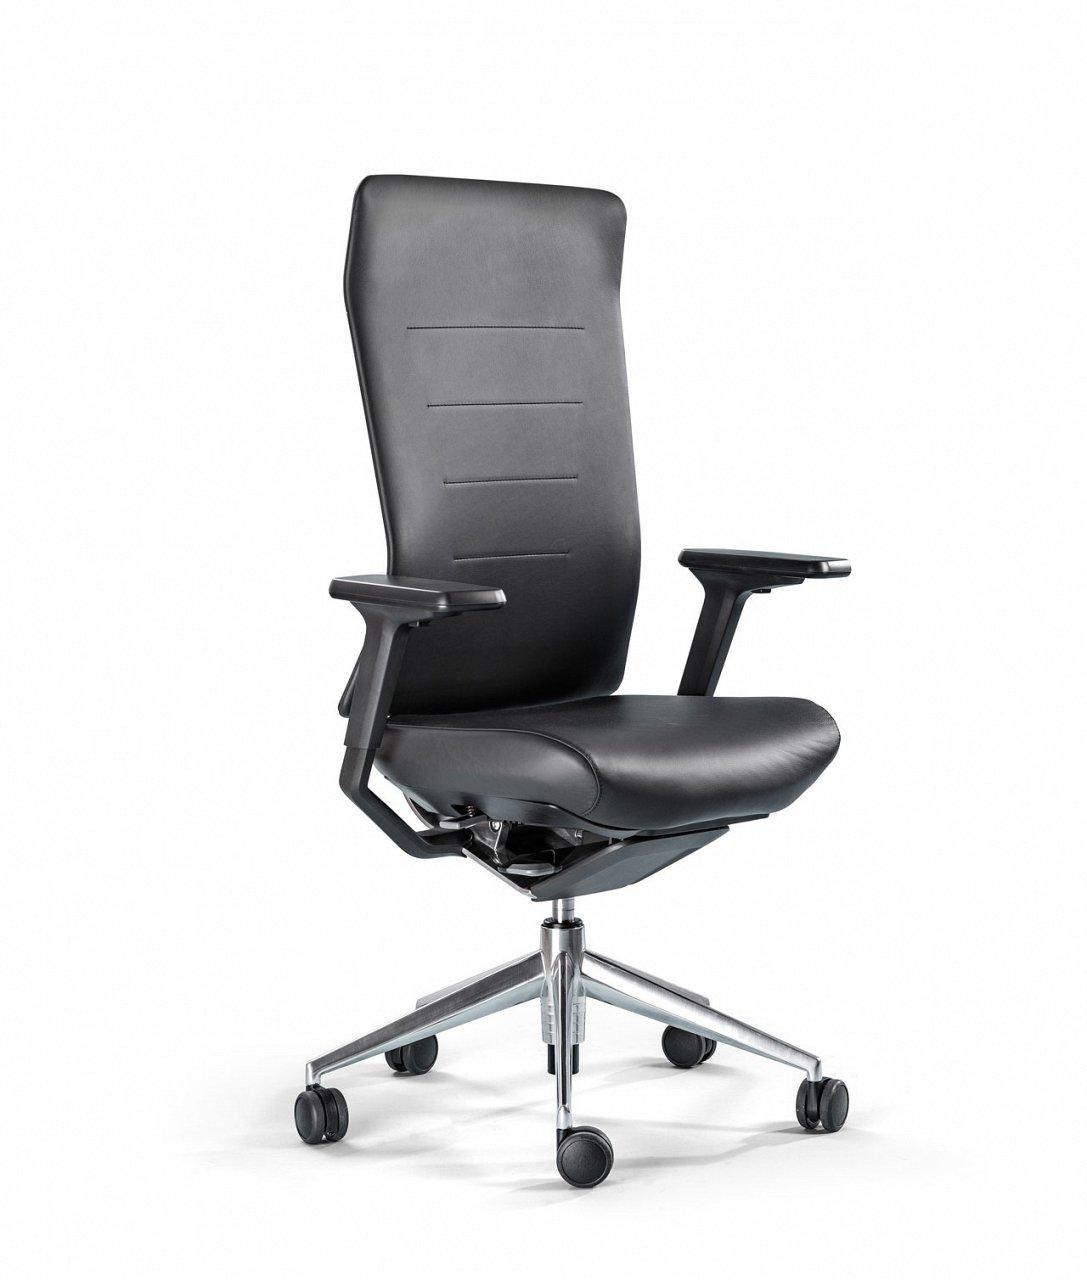 TNK Flex Chair from Actiu